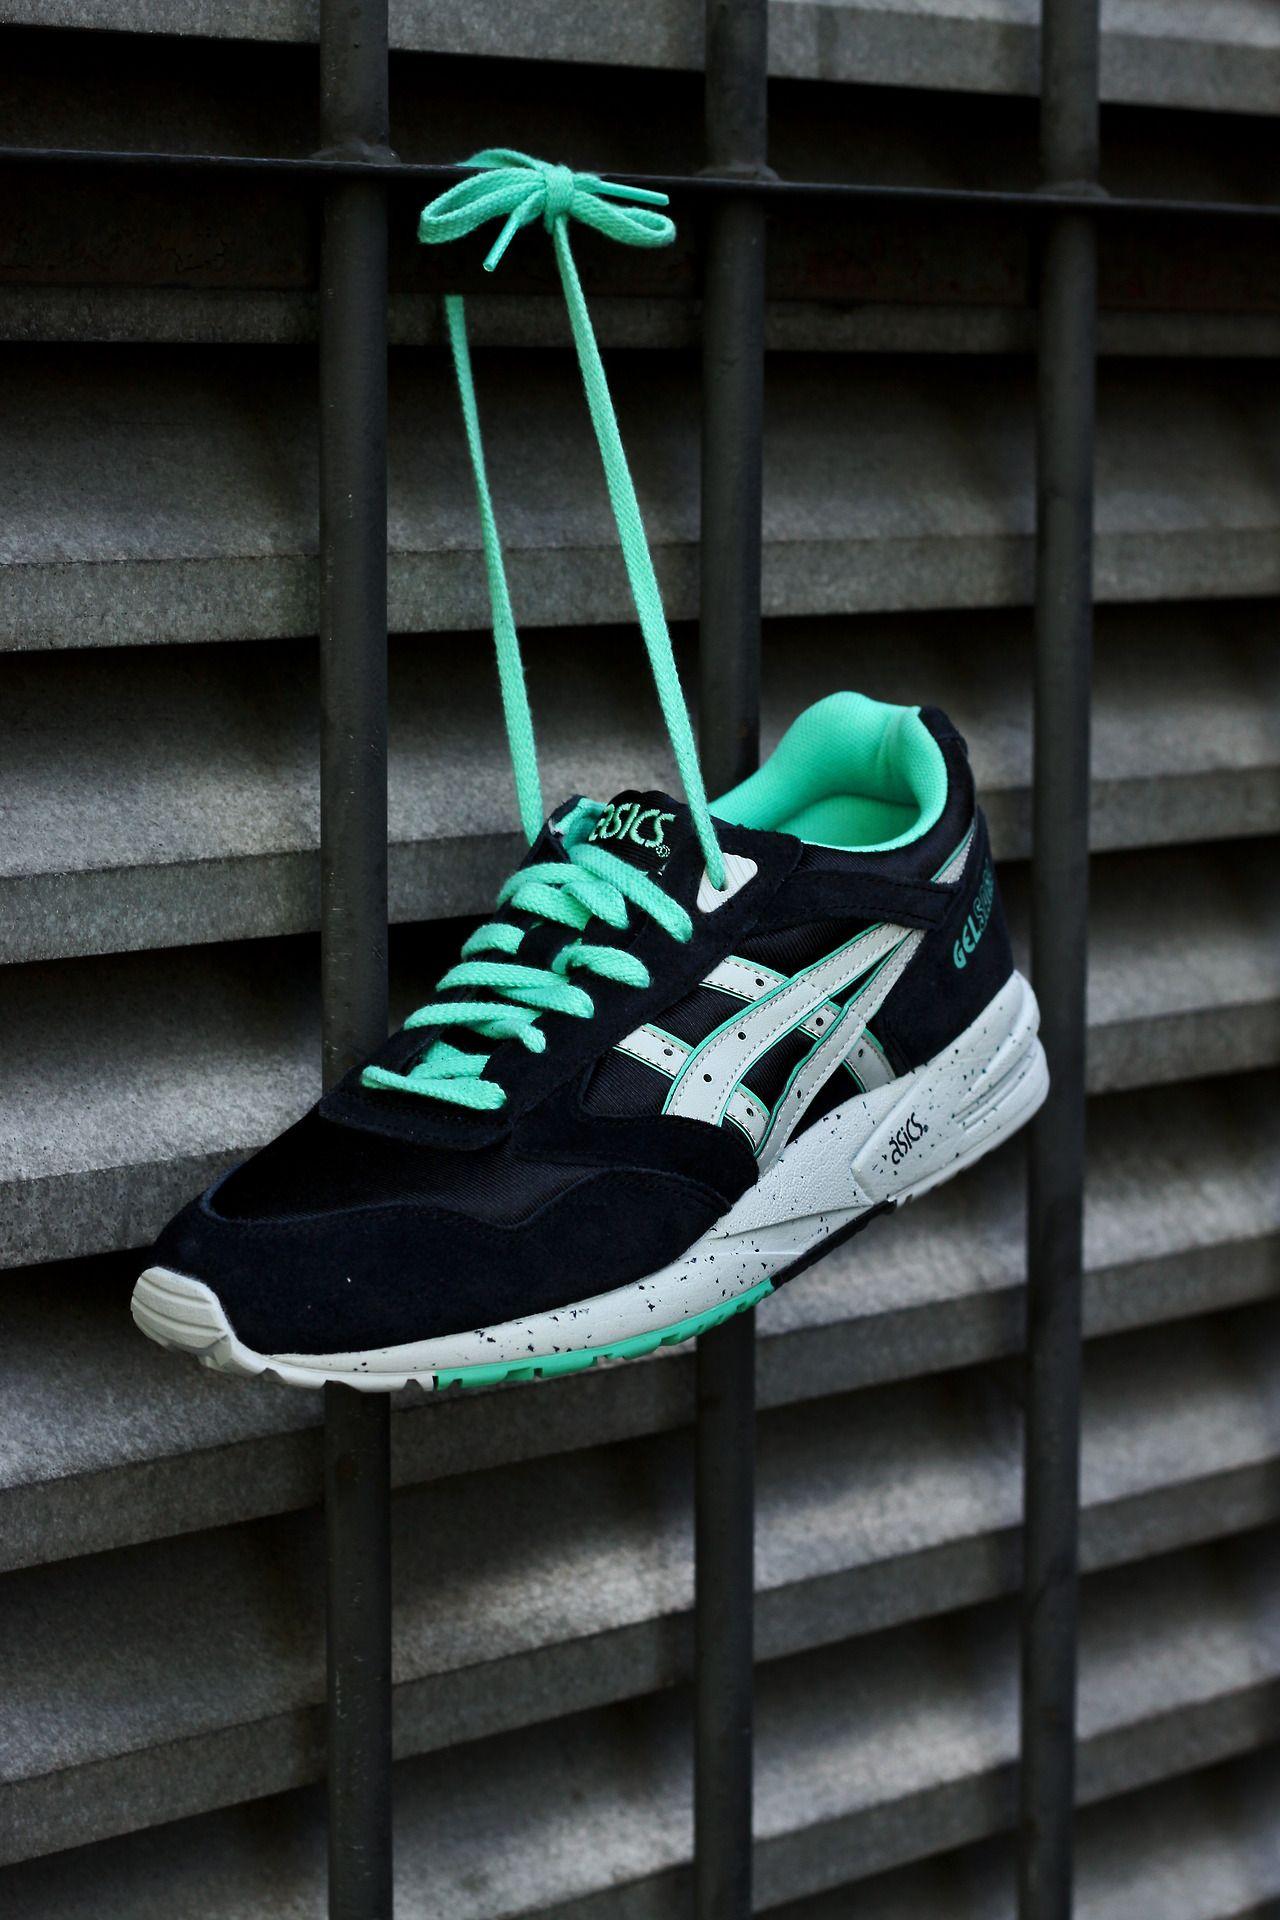 3 cette de cette couleur couleur Asics Gel Saga Sneaker Noir Sneaker/ Gris/ Menthe | 1c48523 - gerobakresep.website